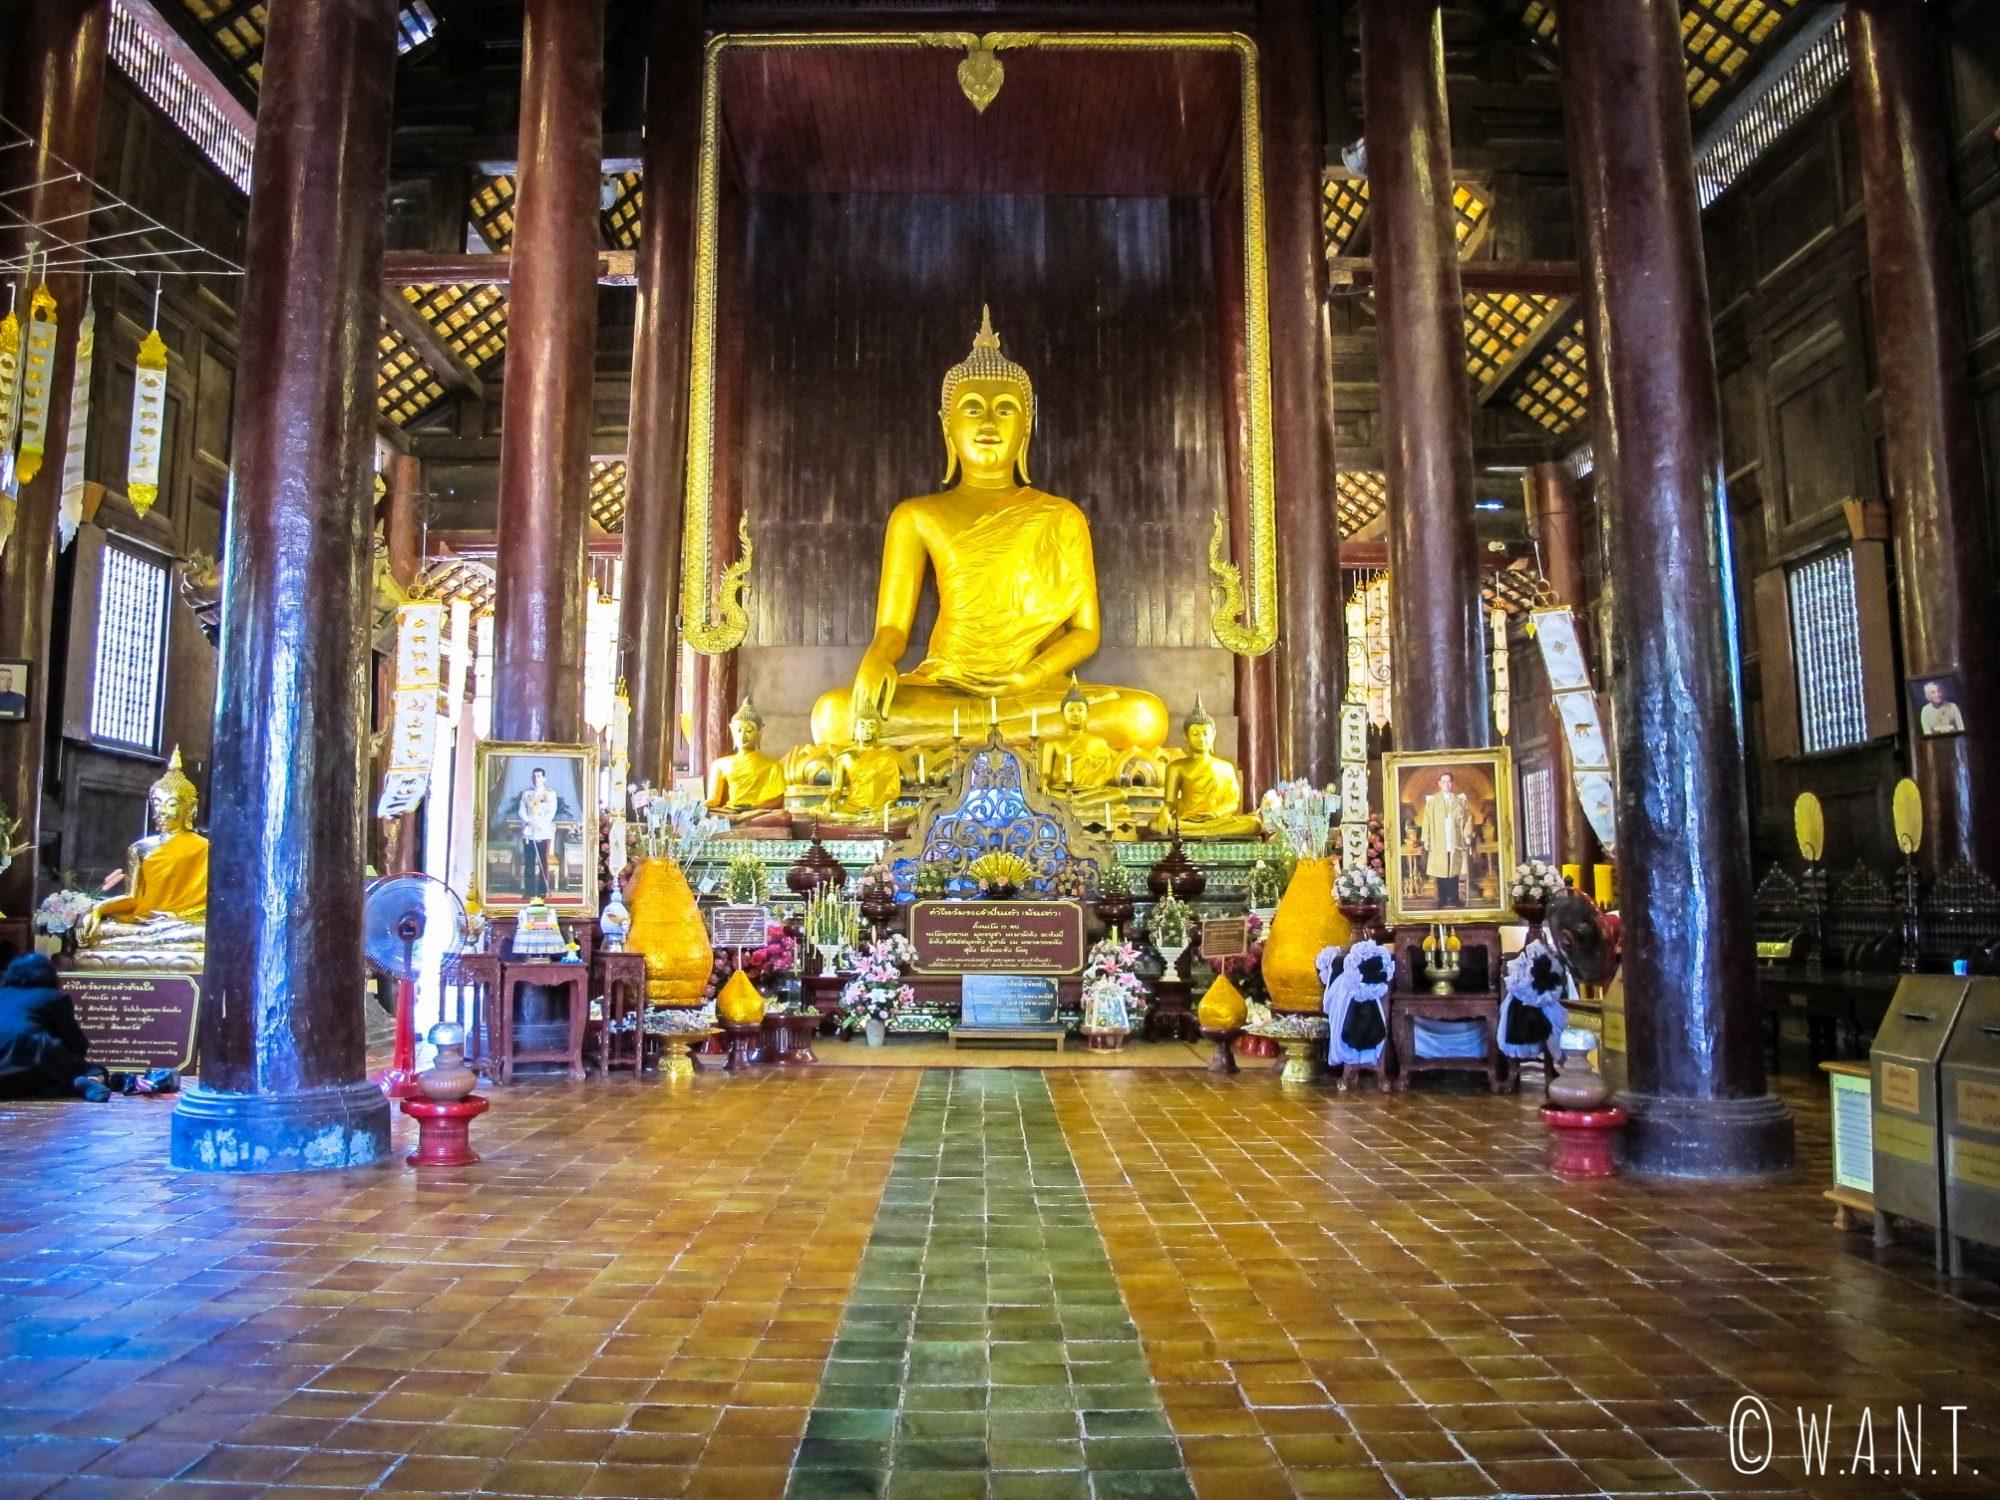 Bouddha du Wat Phan Tao, temple en bois de Chiang Mai